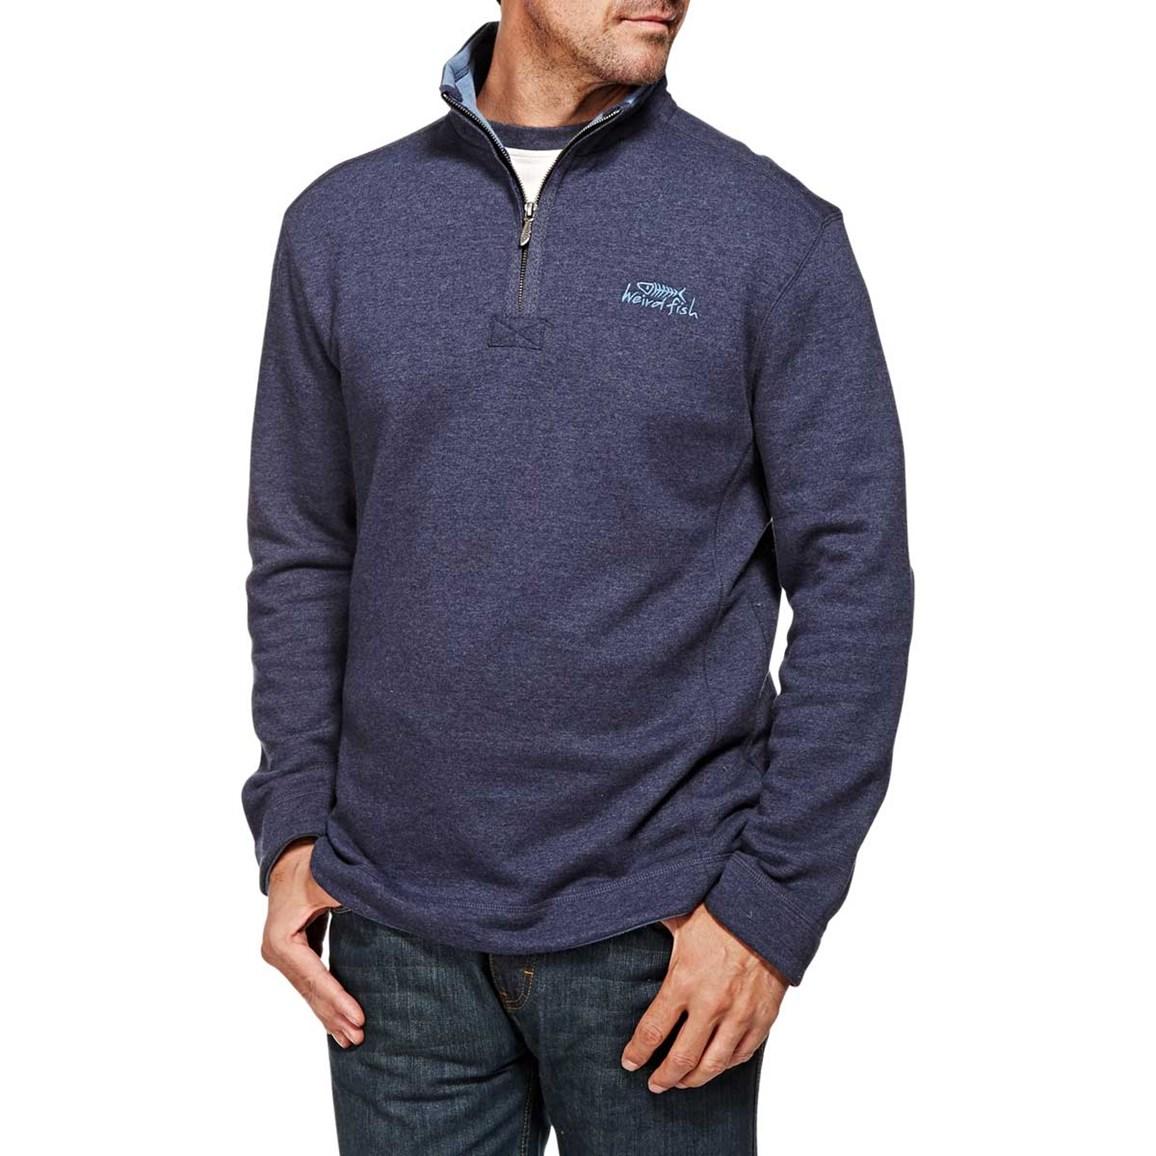 Hail Plain 1/4 Neck Zip Embroidered Sweatshirt Dark Navy